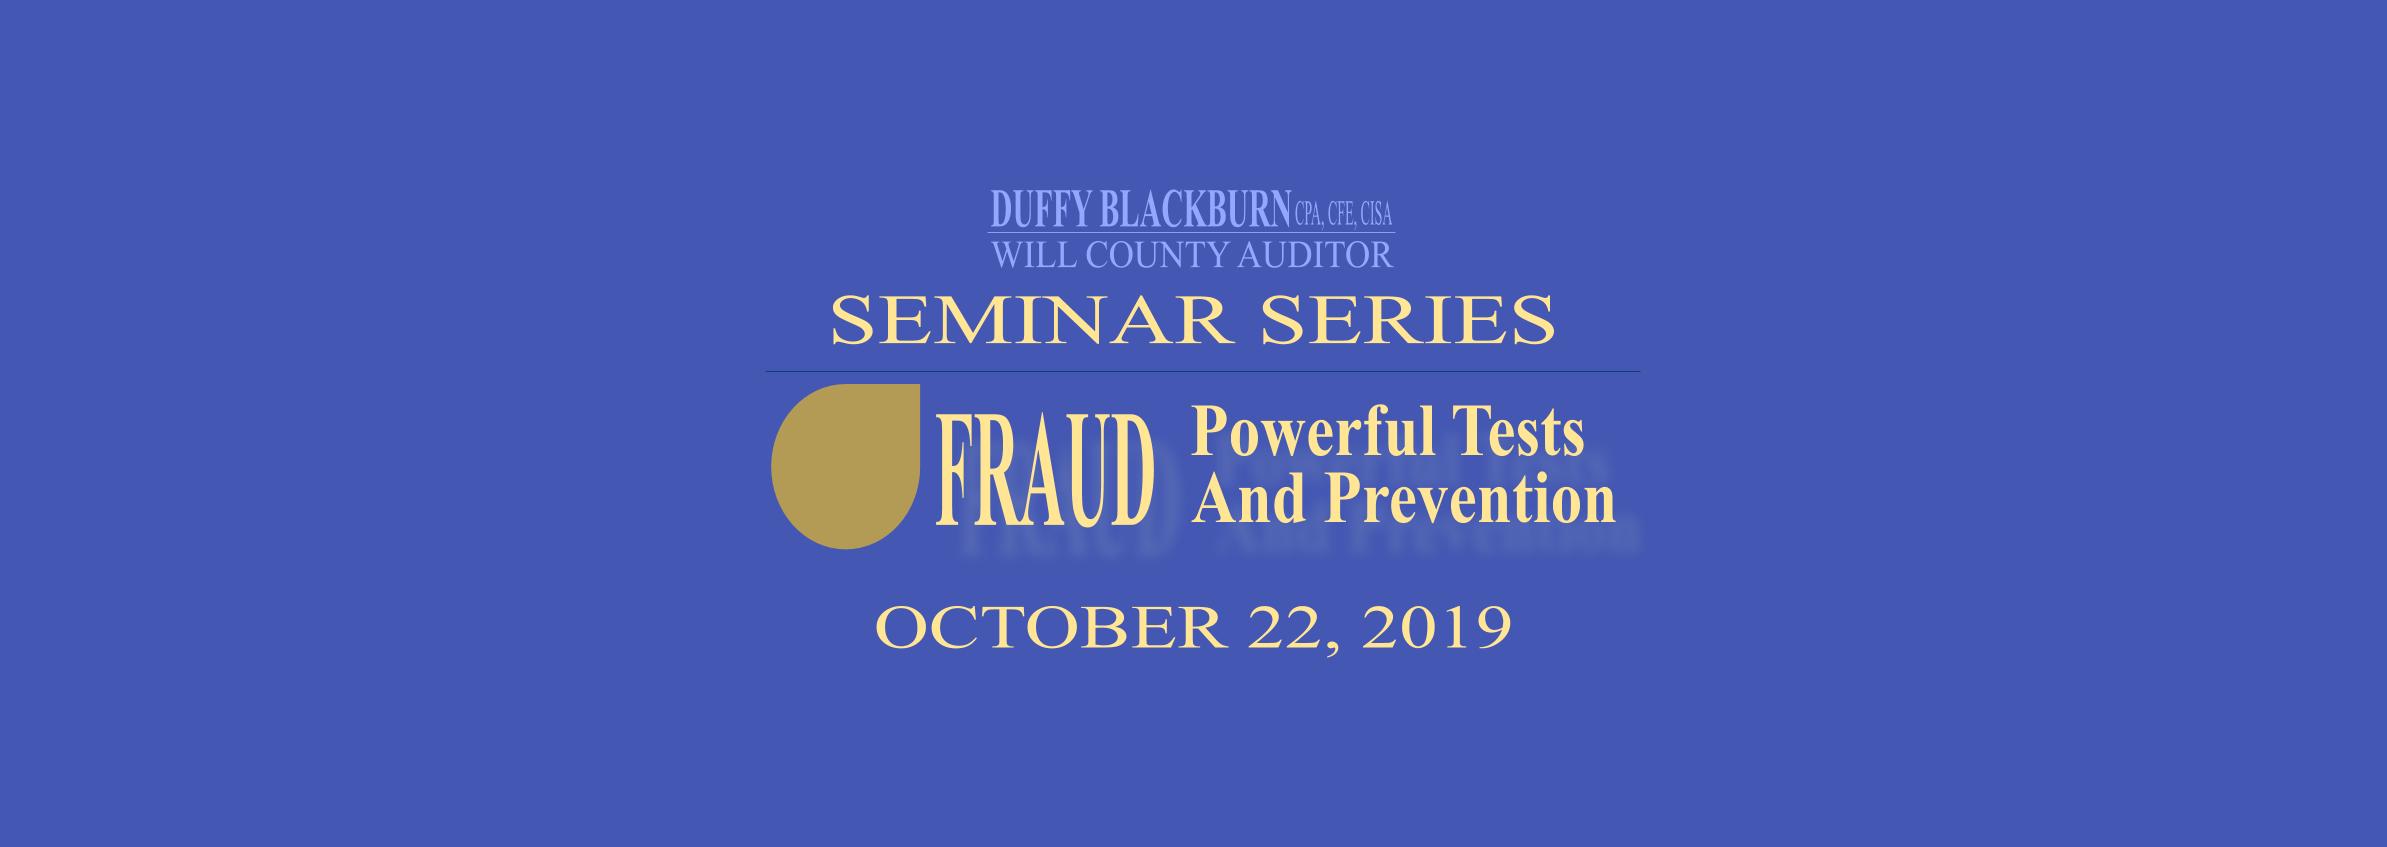 2019 Seminar Series